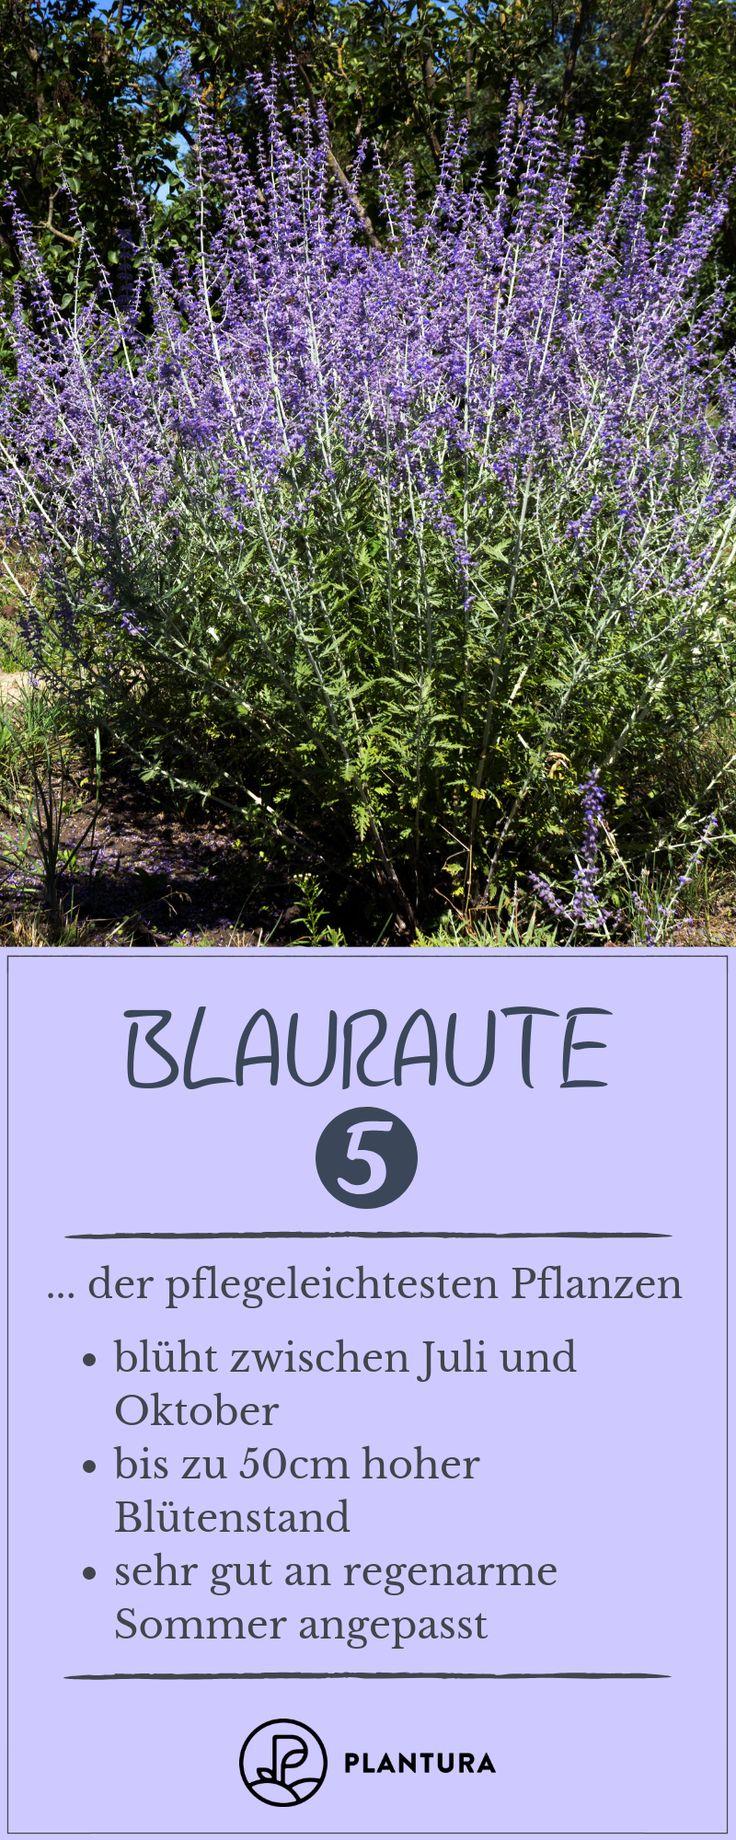 Blauraute – Platz 5 der pflegeleichtesten Pflanzen: Die Blauraute ist perfekt an… – Gartenheldinnen Gruppenboard